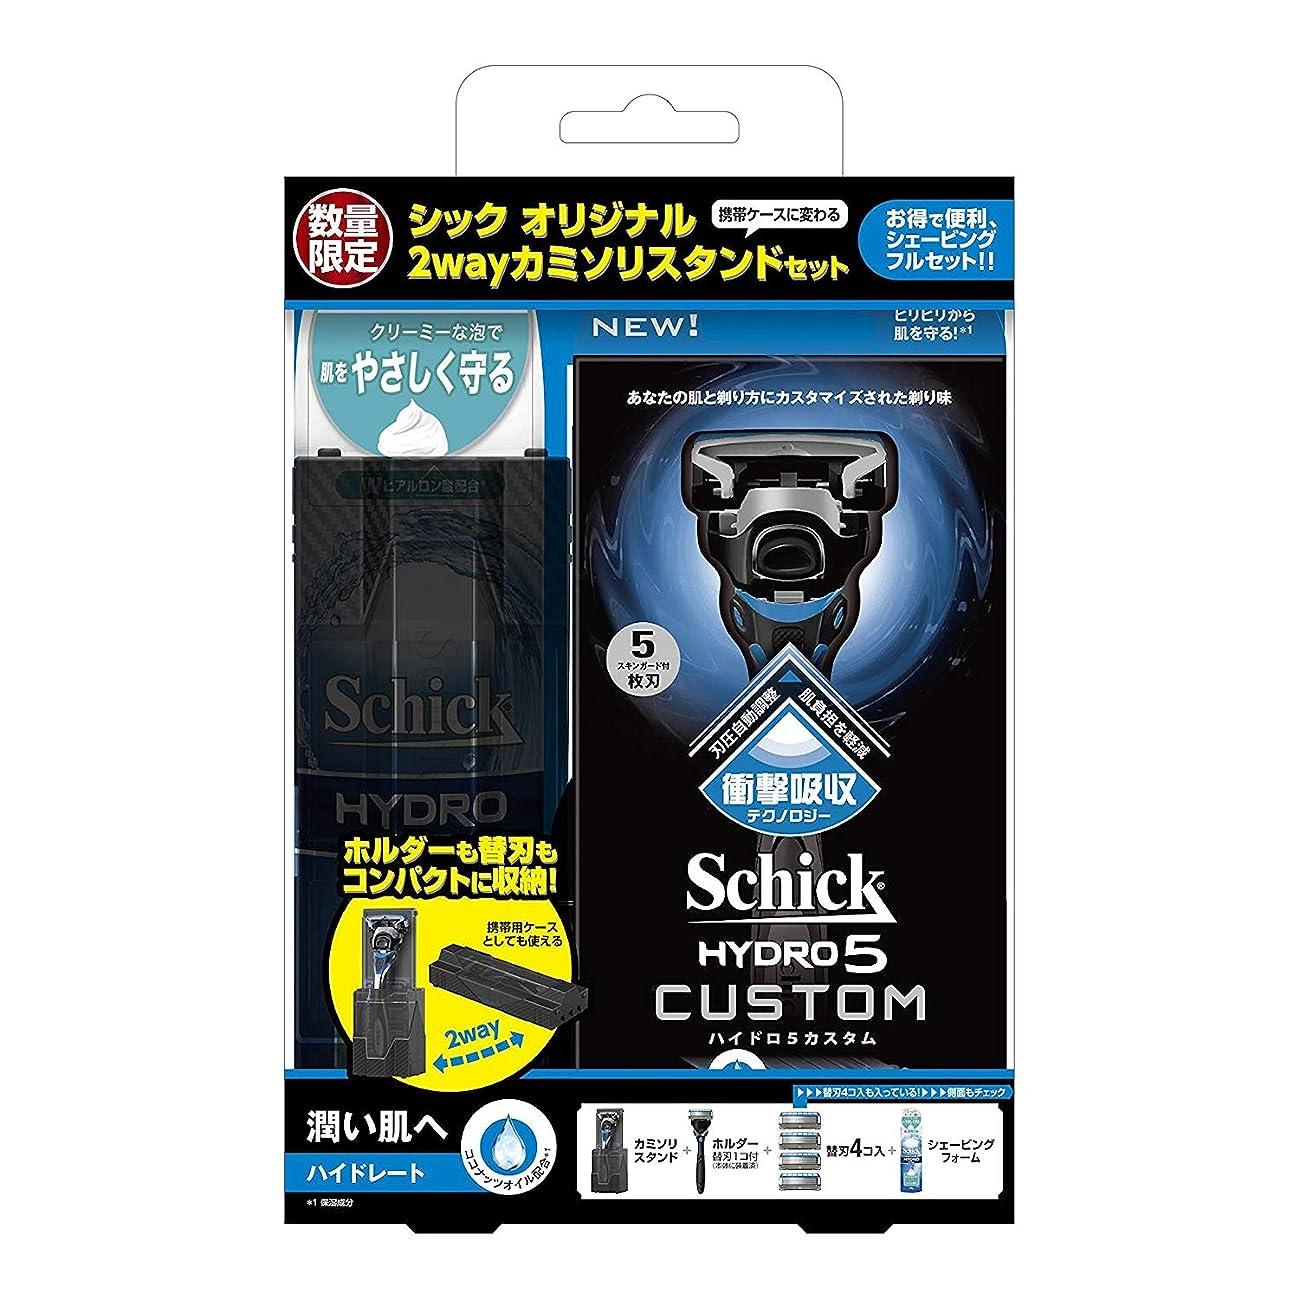 ダイジェスト胃月シック Schick 5枚刃 ハイドロ5 カスタム ハイドレート スペシャルパック 替刃5コ付 (替刃は本体に装着済み) 男性 カミソリ